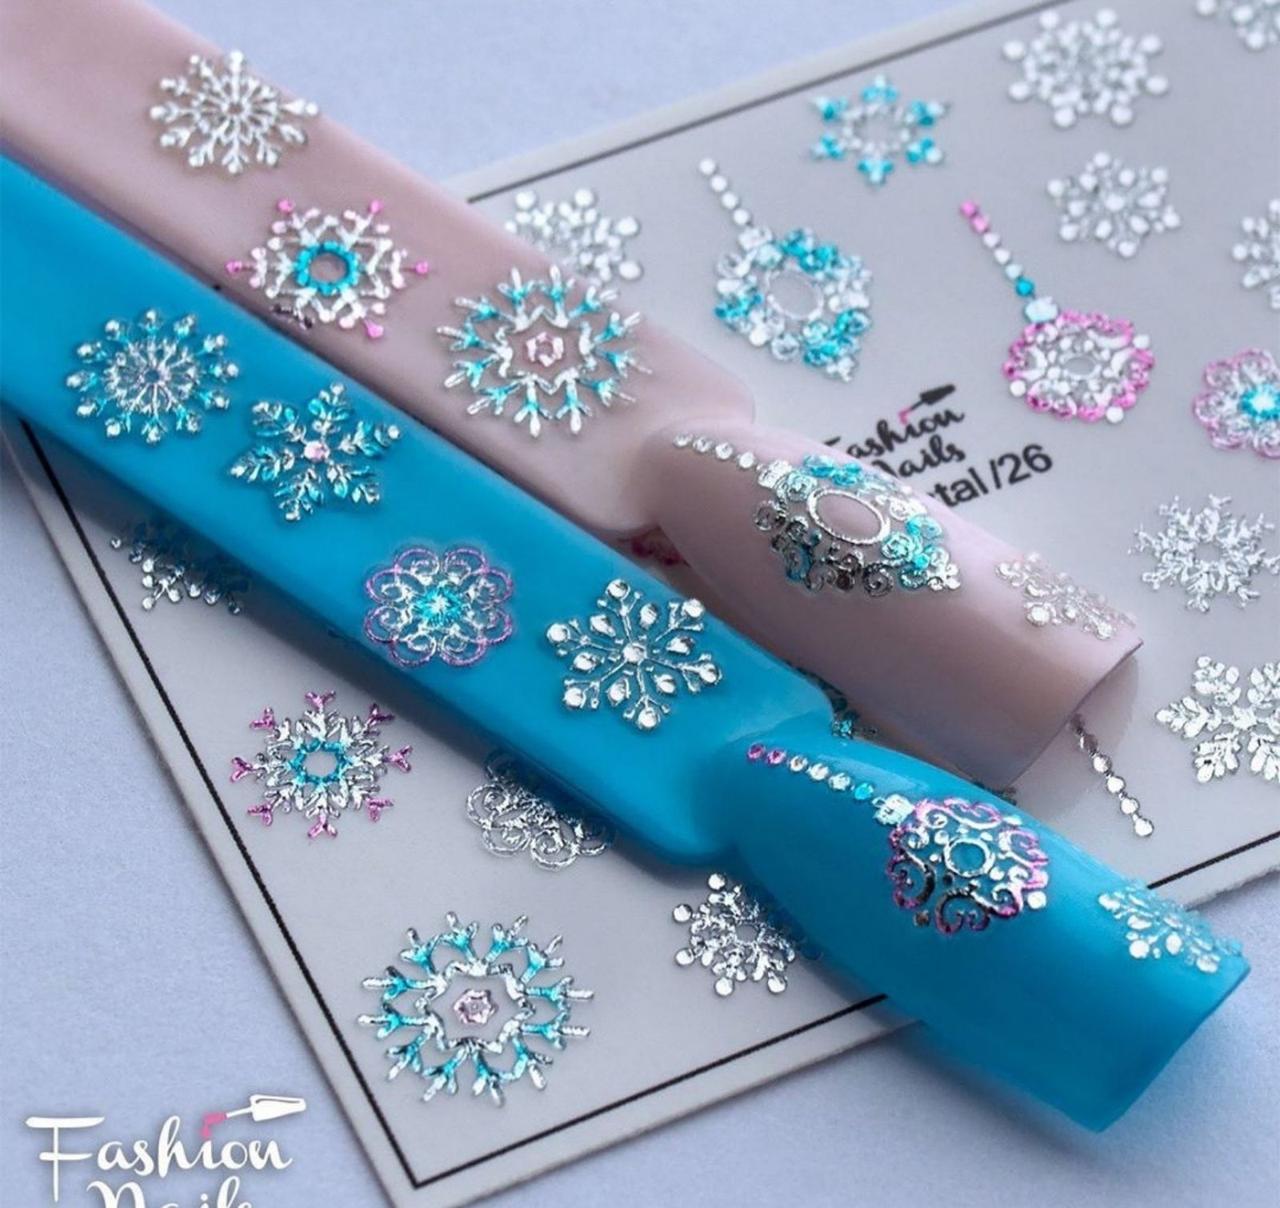 Зимний слайдер дизайн 3D Снежинки со стразами - Новогодние наклейки для ногтей арт.3DCrystal/26